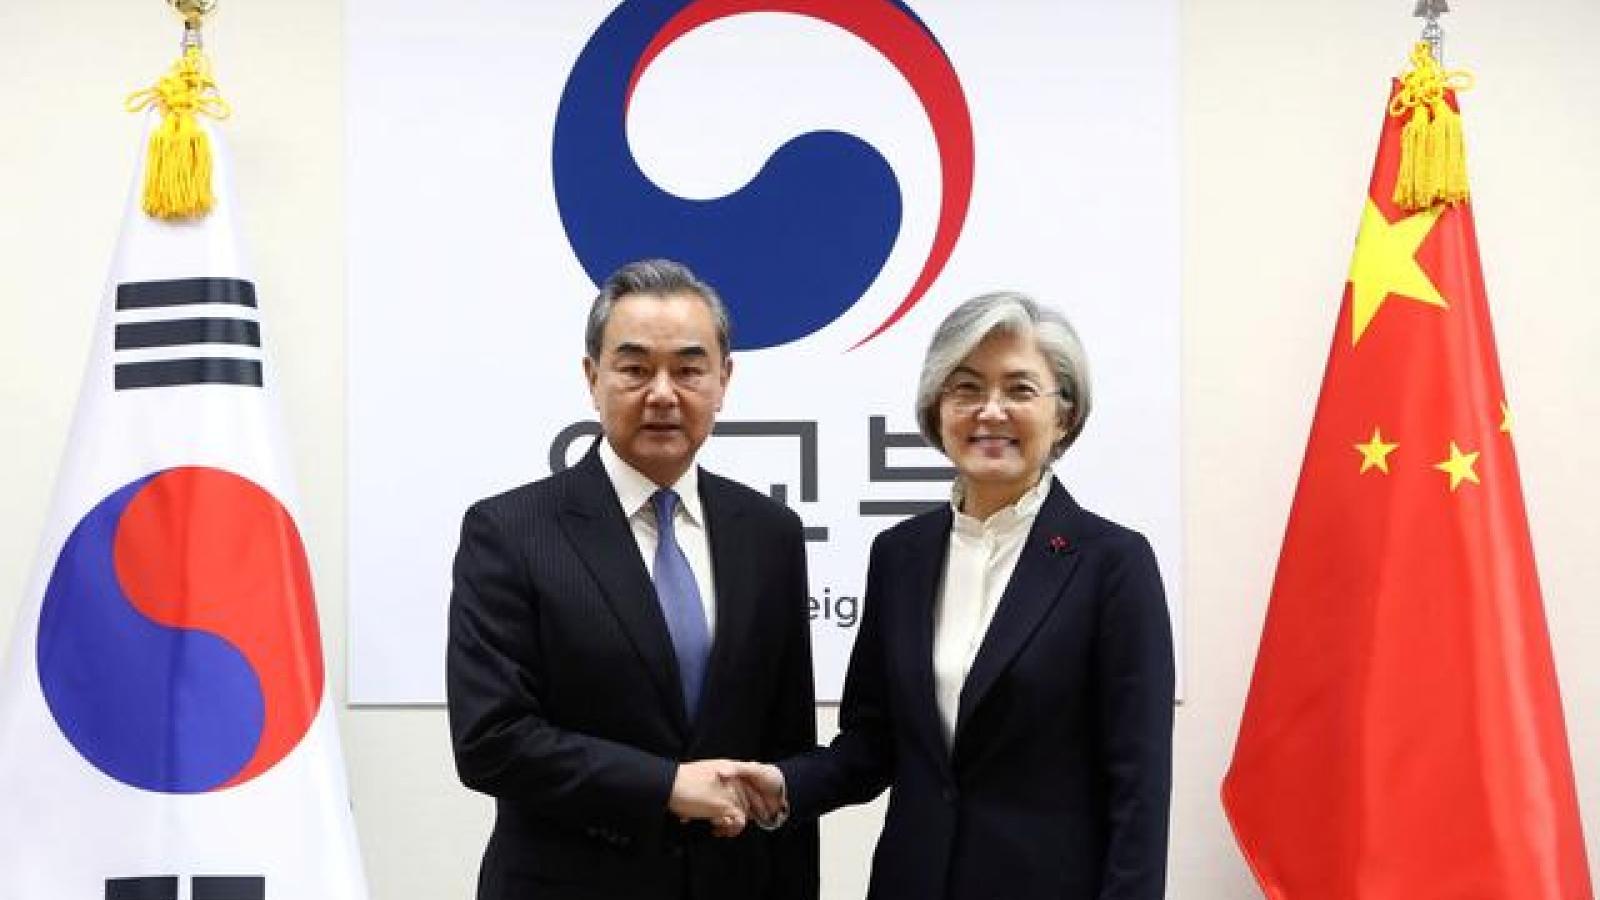 Ngoại trưởng Trung Quốc trực tiếp thăm Hàn Quốc